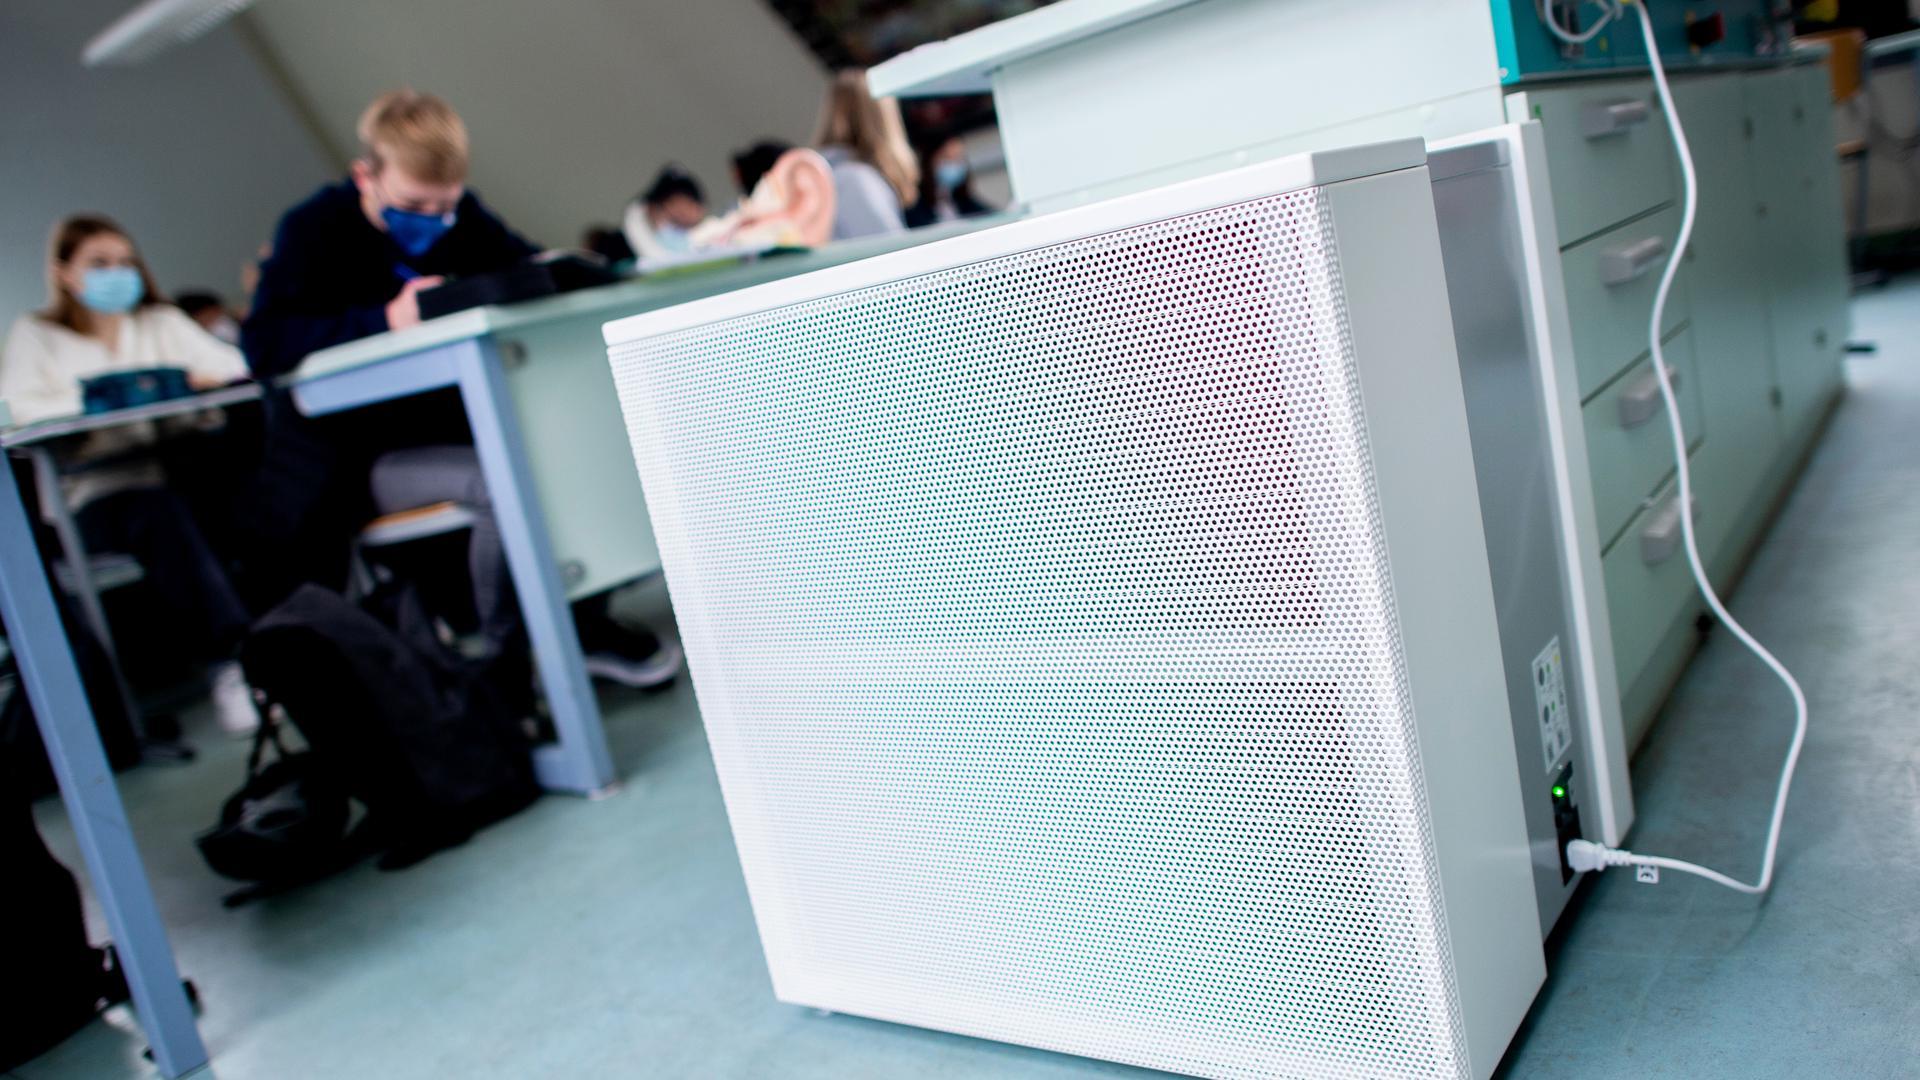 Schüler sitzen in einem Klassenzimmer, im Vordergrund ein Luftfiltergerät.